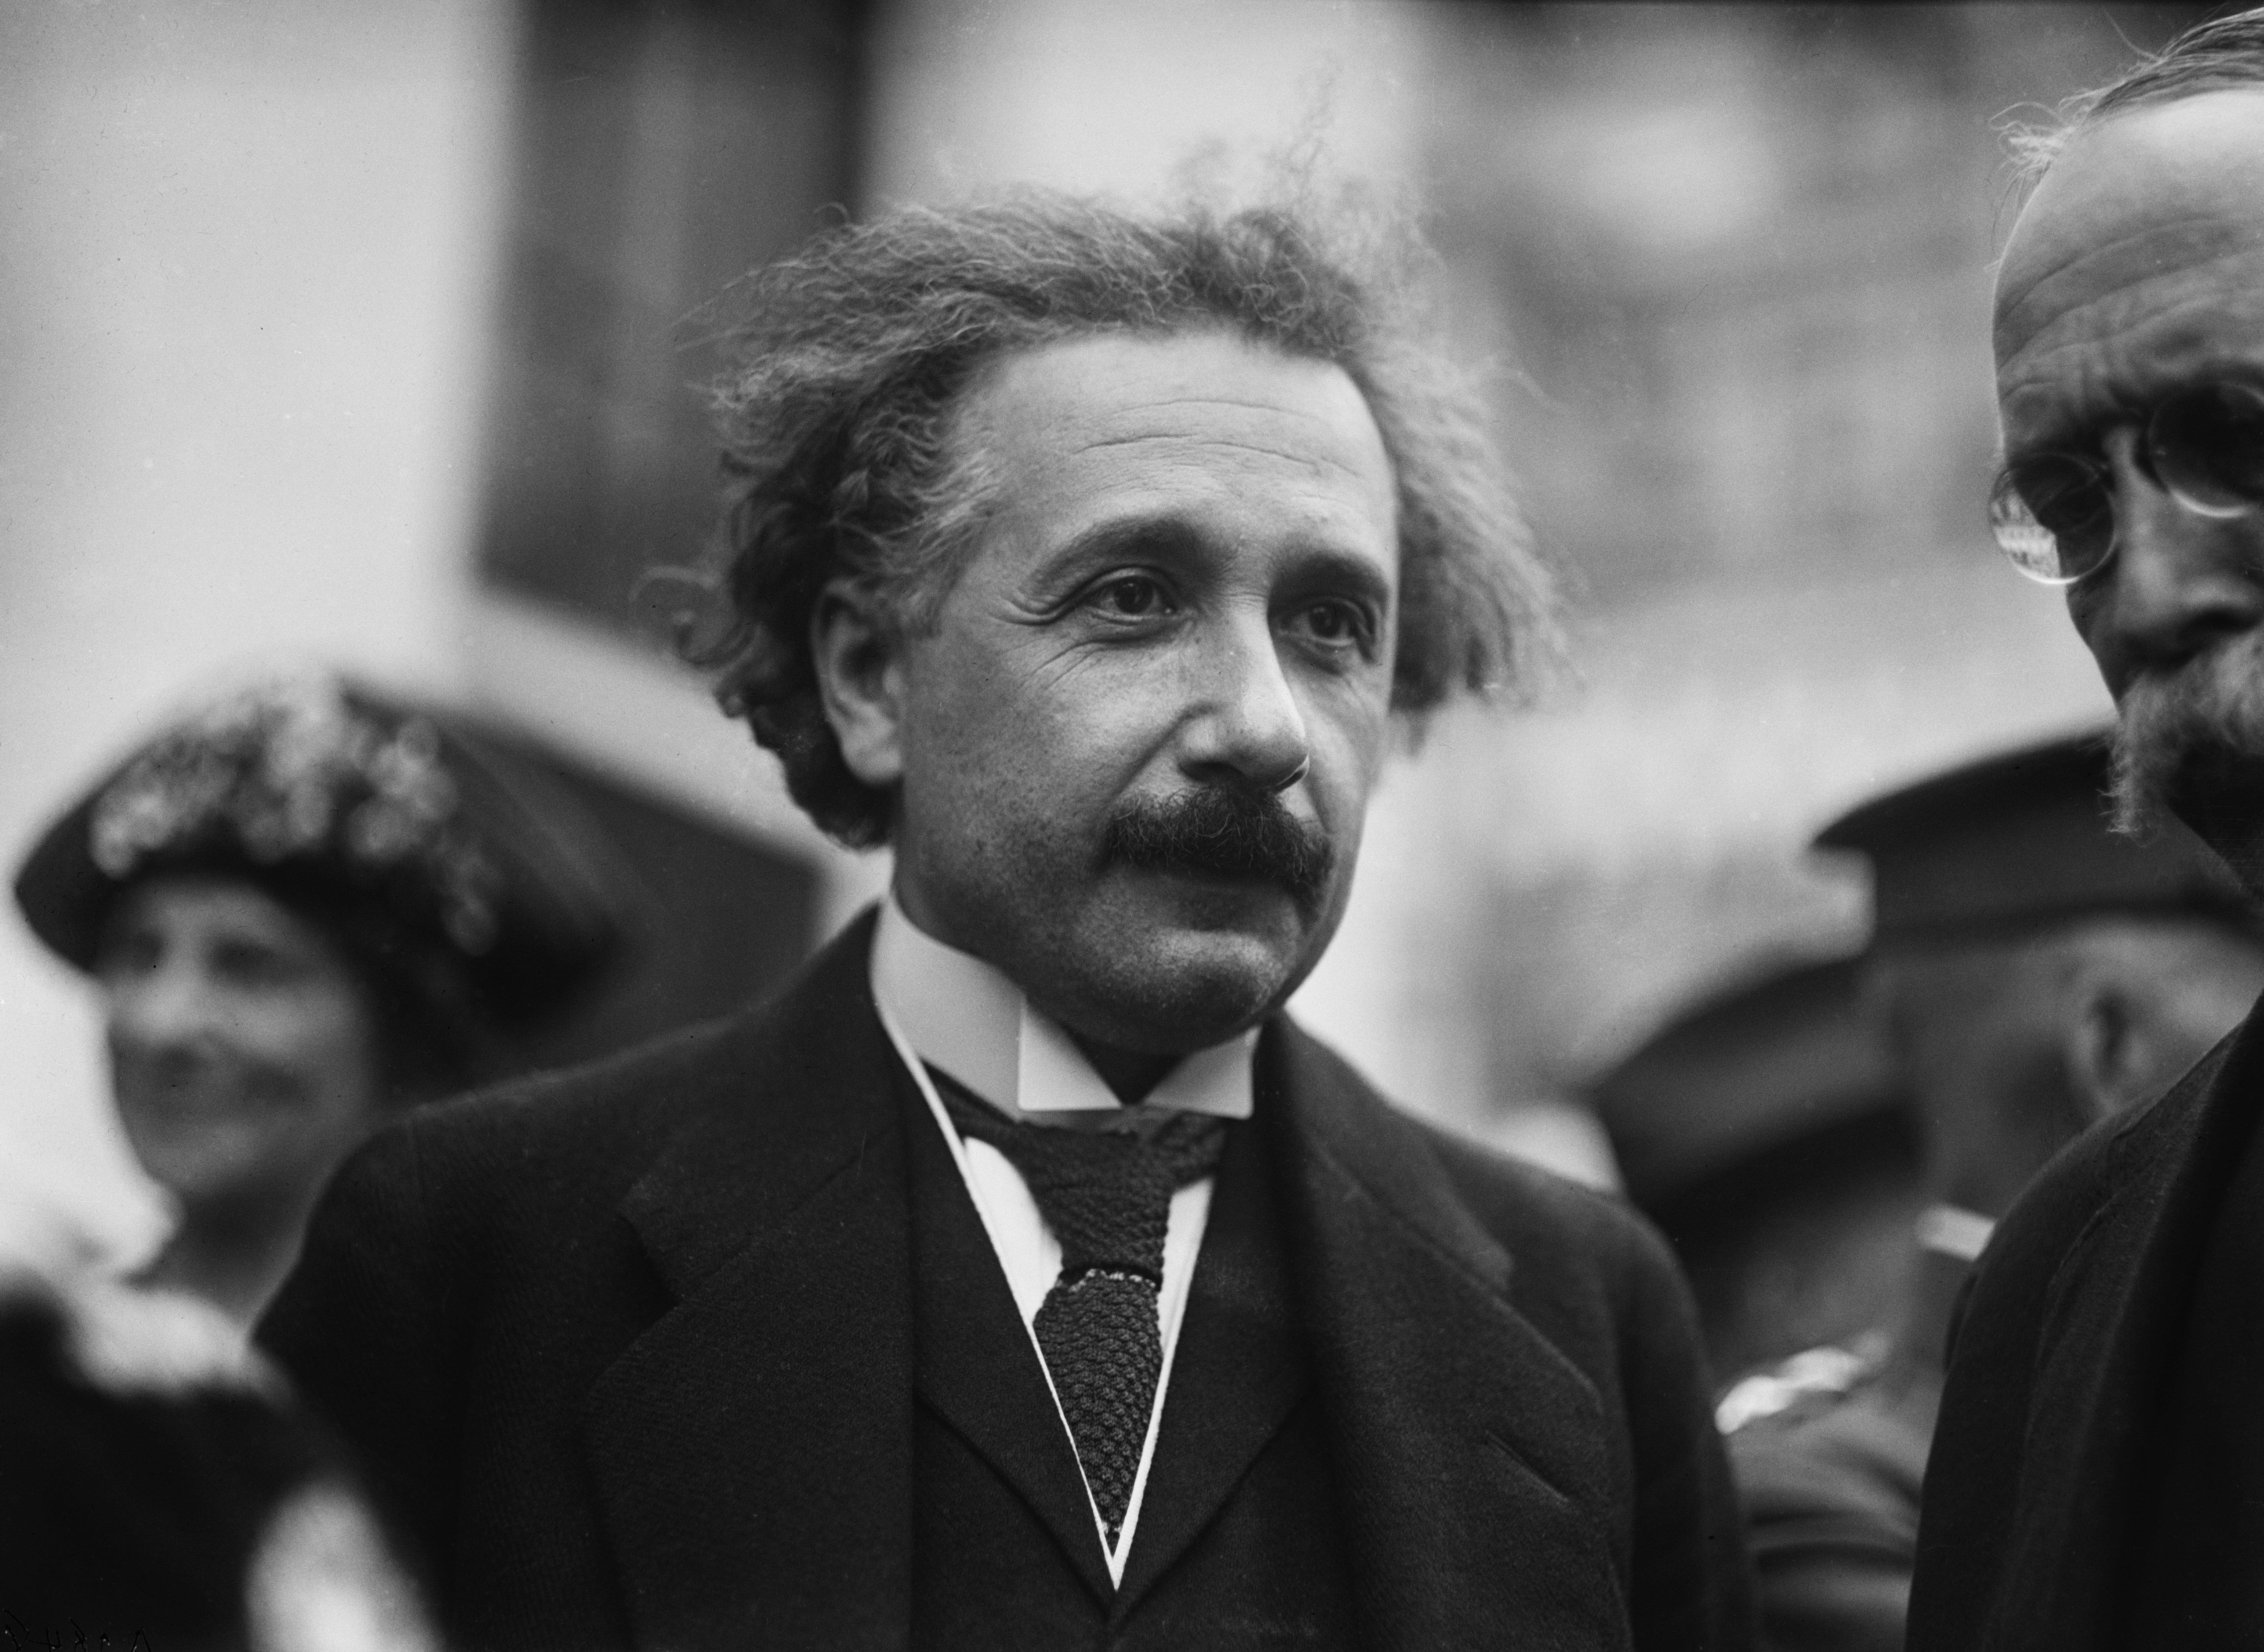 Reisetagebücher von Albert Einstein veröffentlicht – sie zeigen, wie rassistisch er